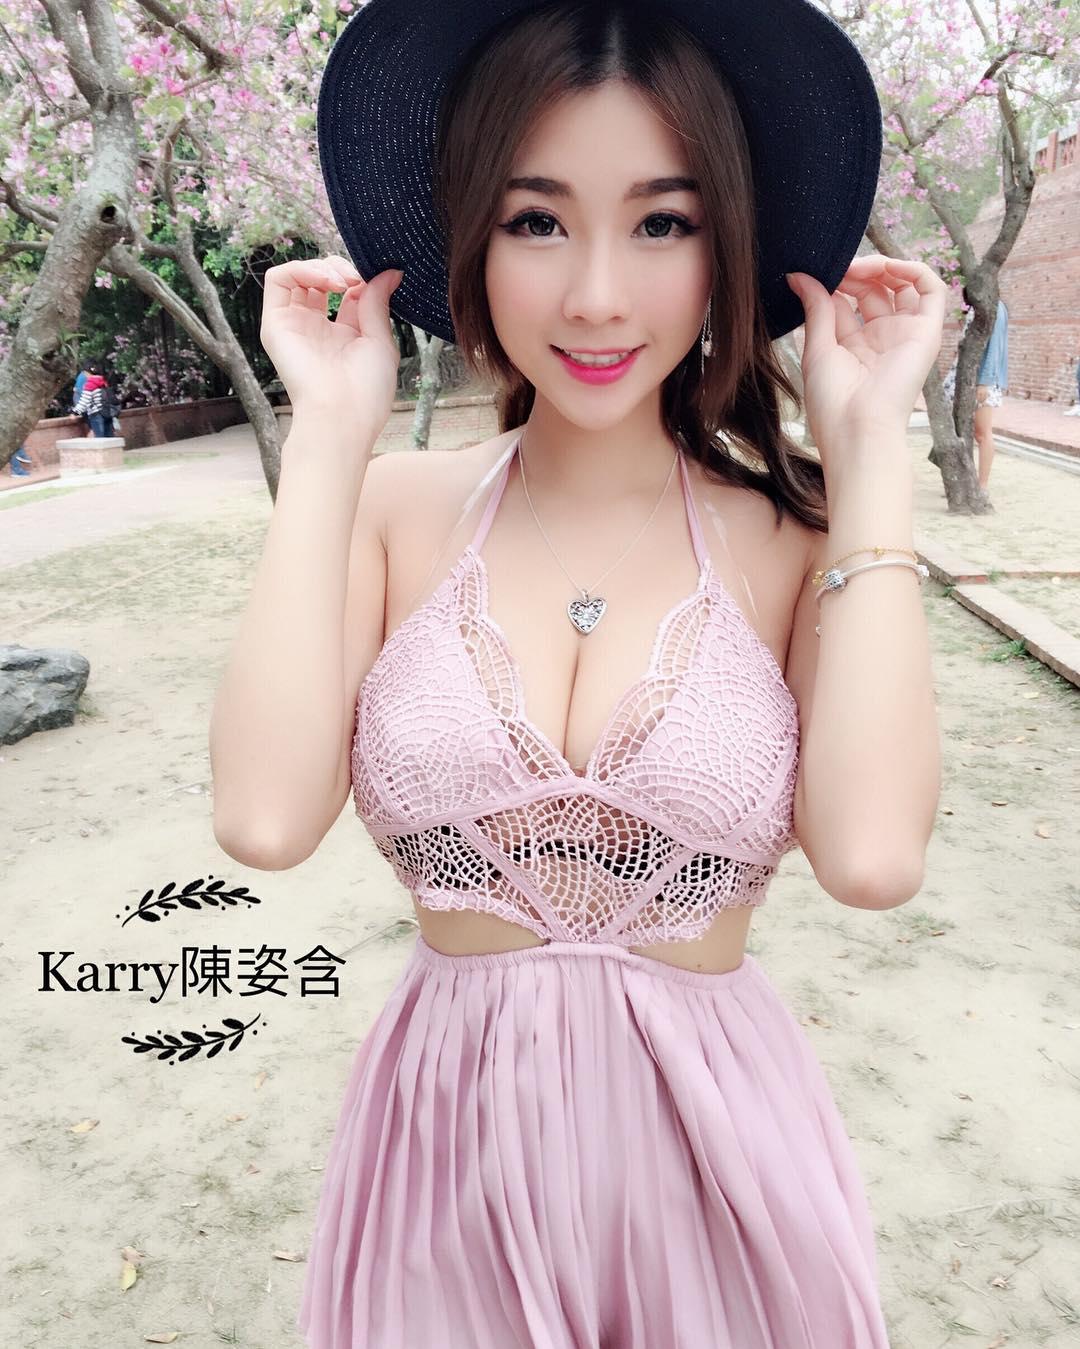 karry1230_29087451_190305098365696_4680368601394315264_n